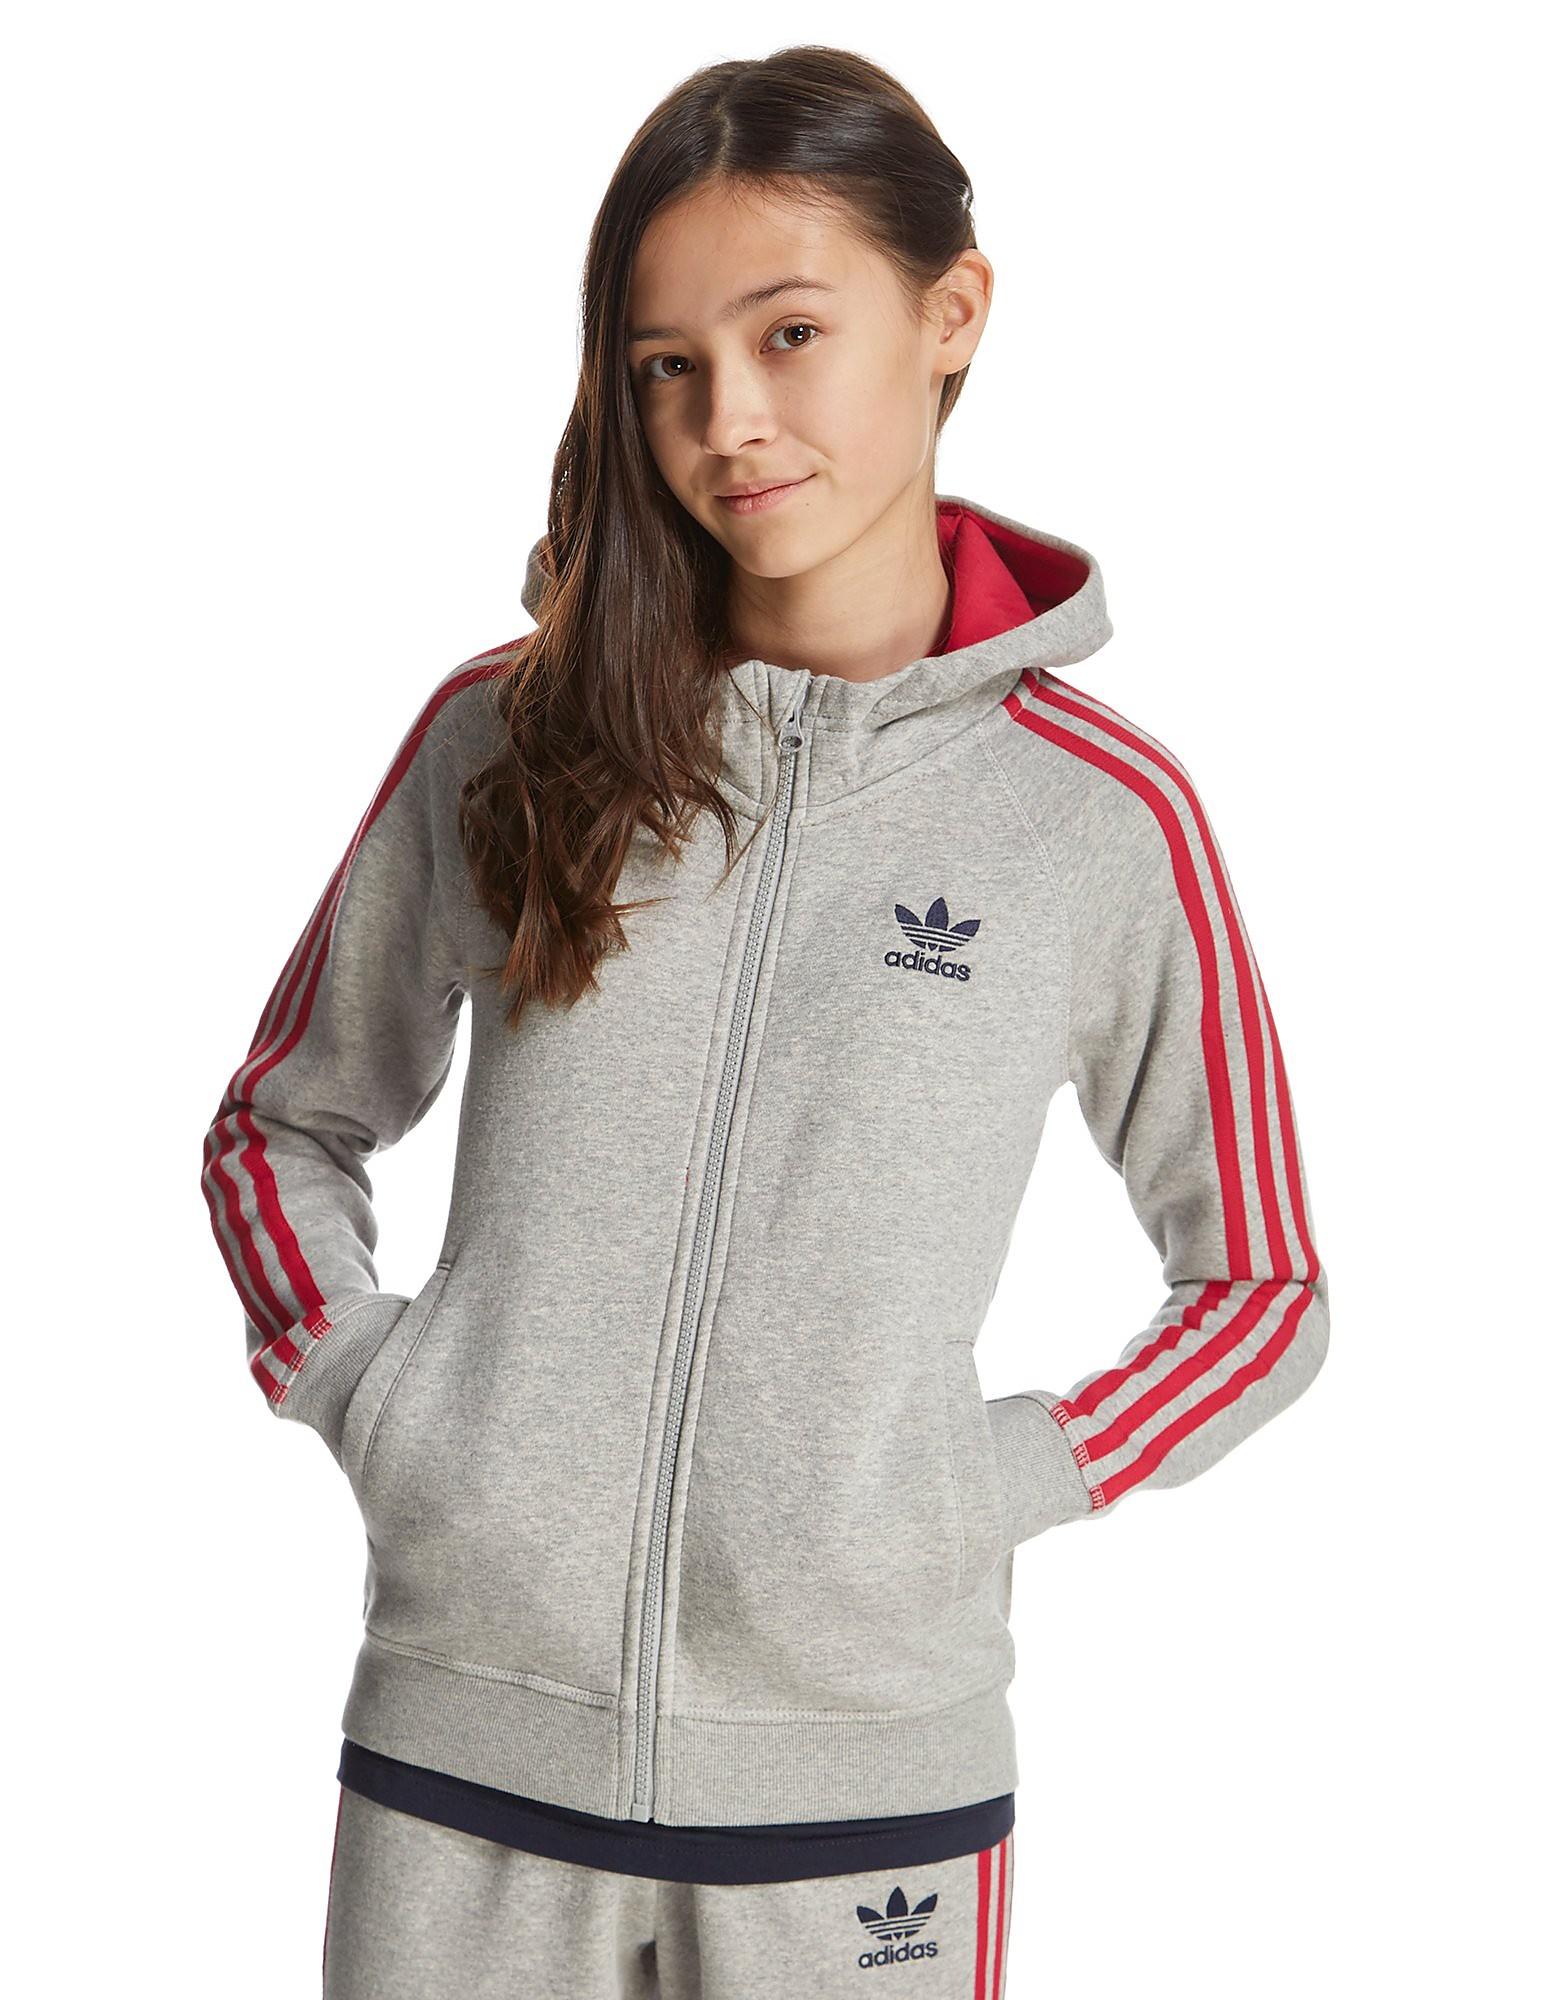 adidas Originals Super Full Zip luvtröja för juniorer